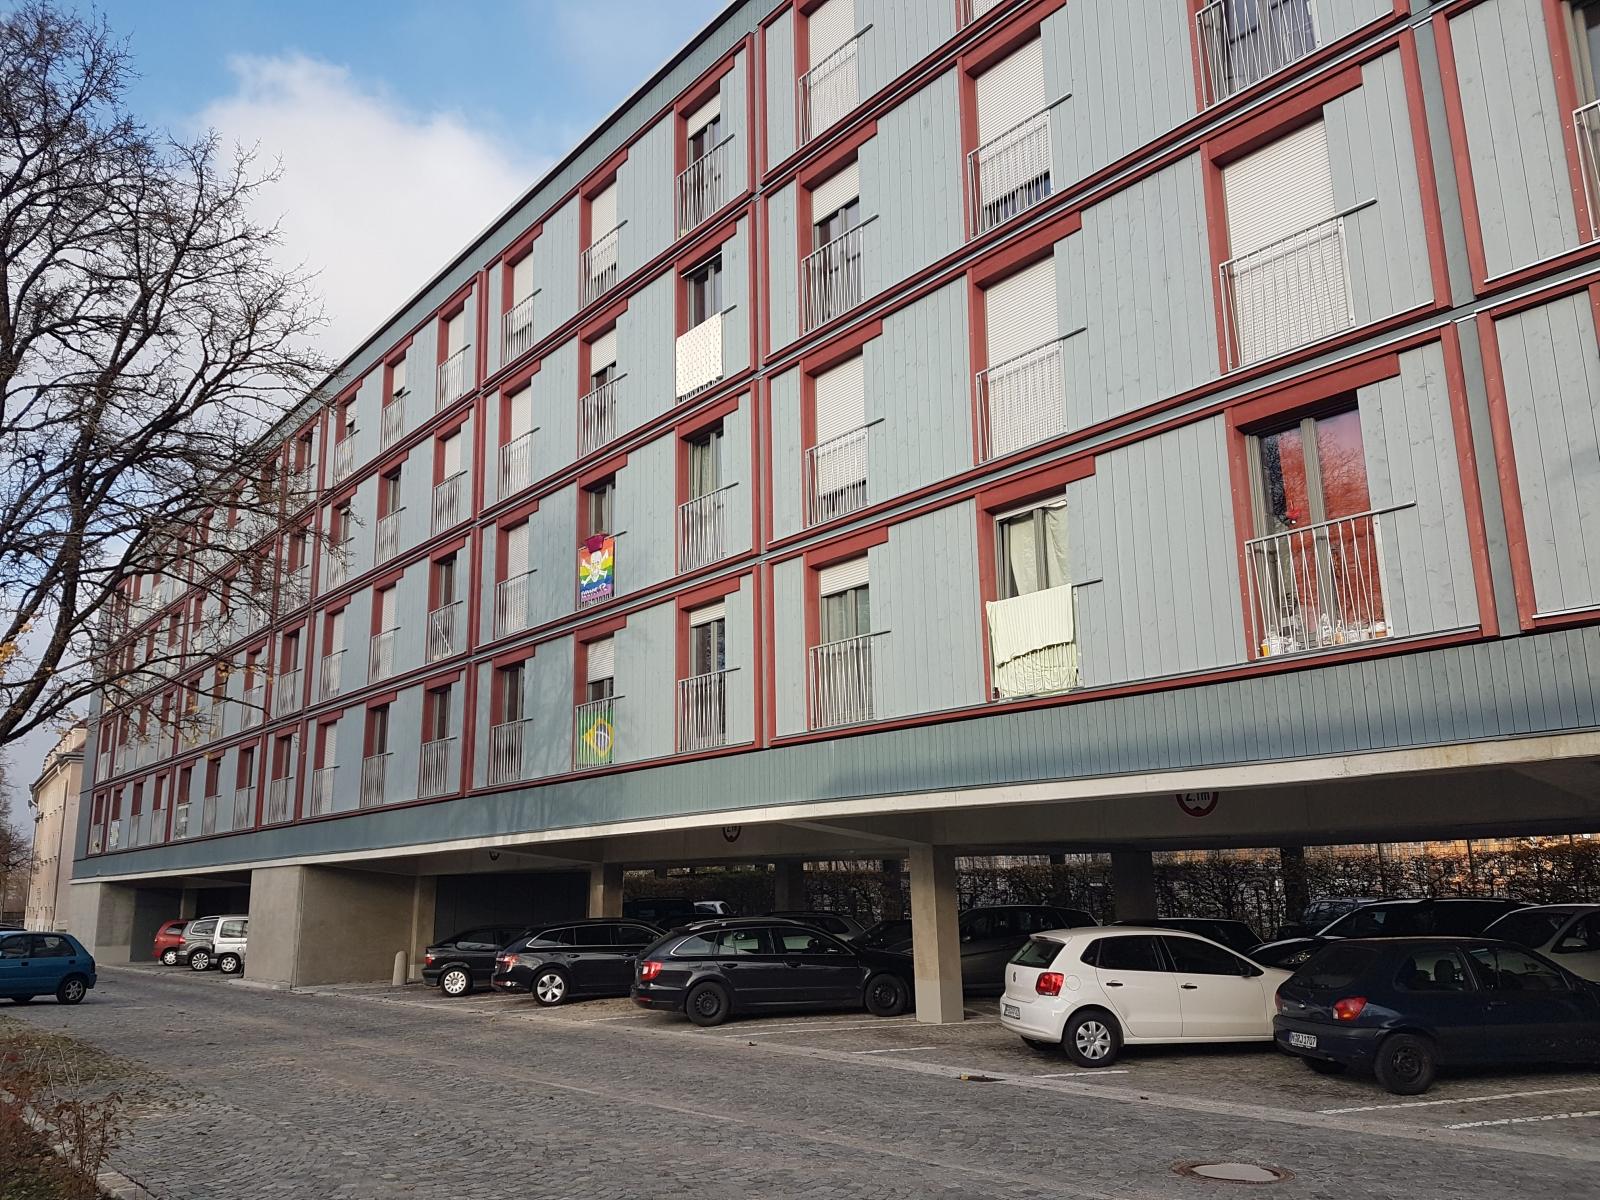 Dantebad München Überbauung Parkplatz bezahlbarer Wohnraum unten parken oben Wohnen